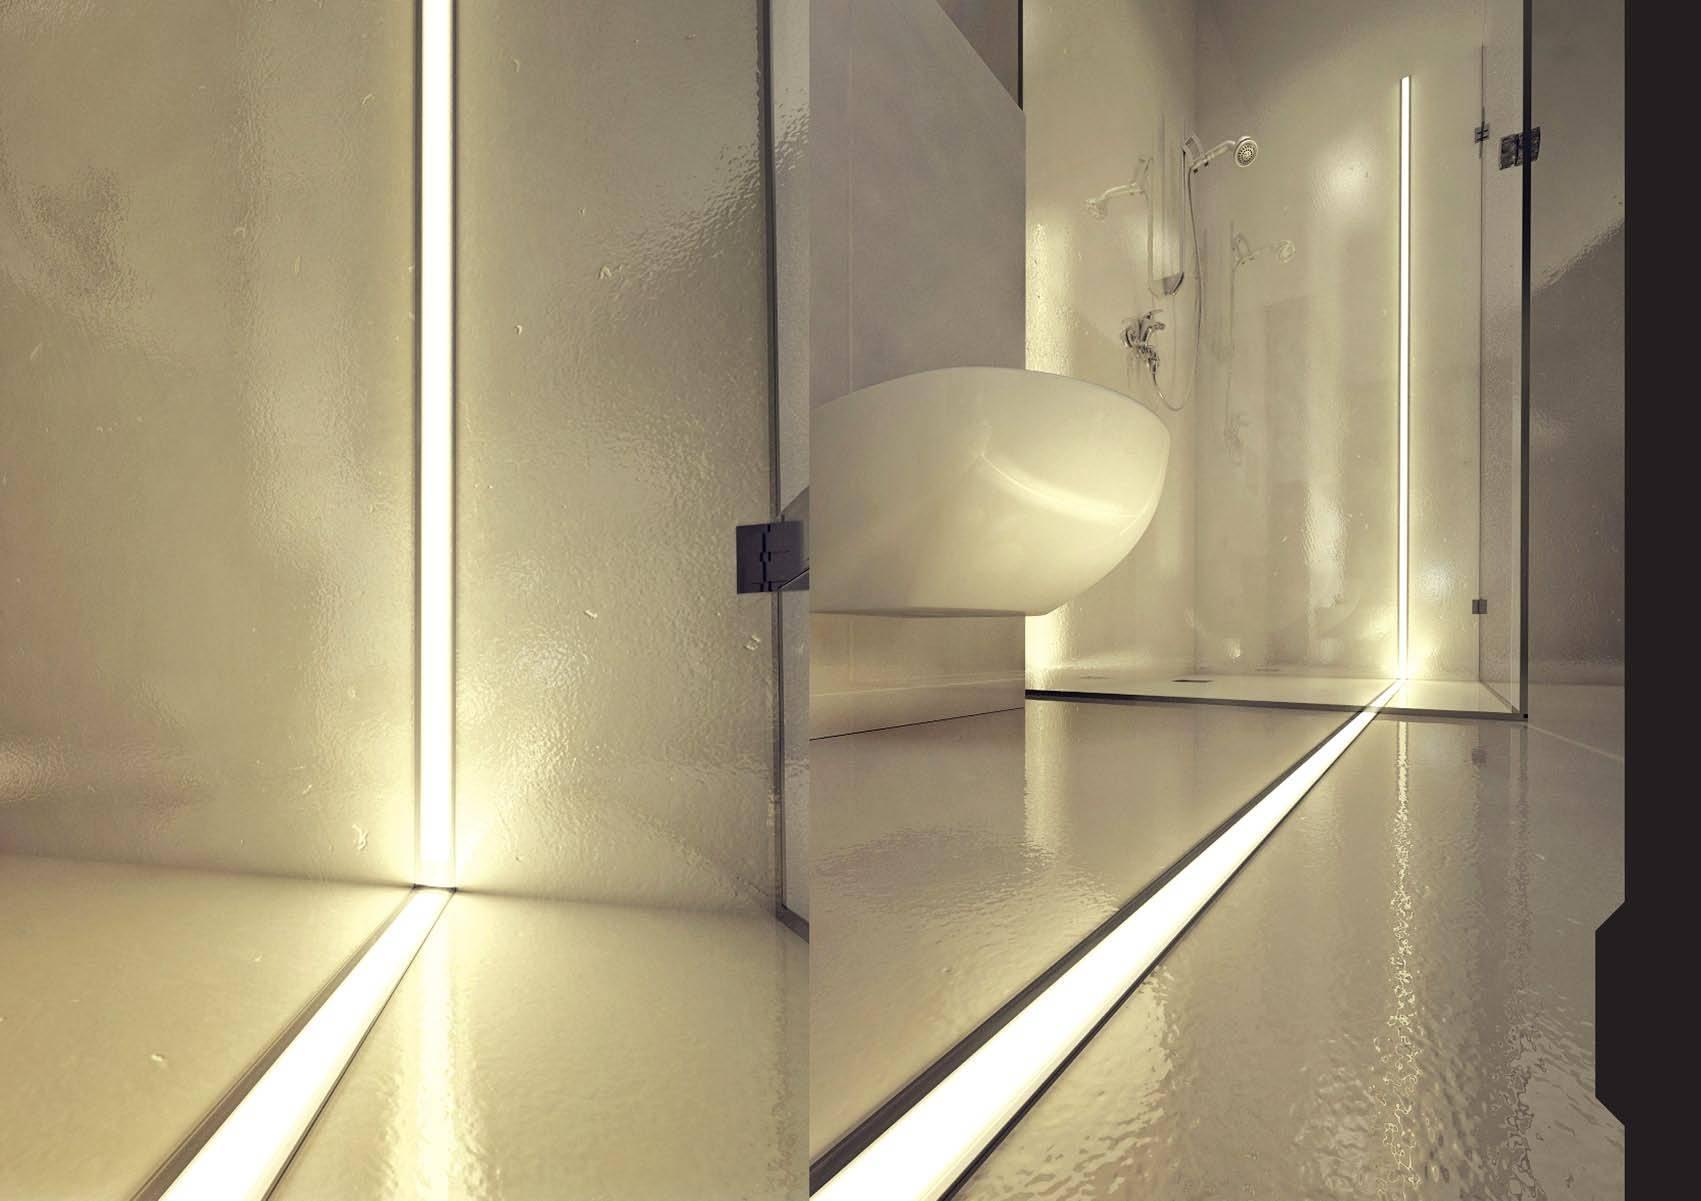 Как сделать освещение в комнате своими руками: как рассчитать, выбрать и расположить, чтобы улучшить и увеличить место, и хорошие светодиодные ленты в ванной, схемы